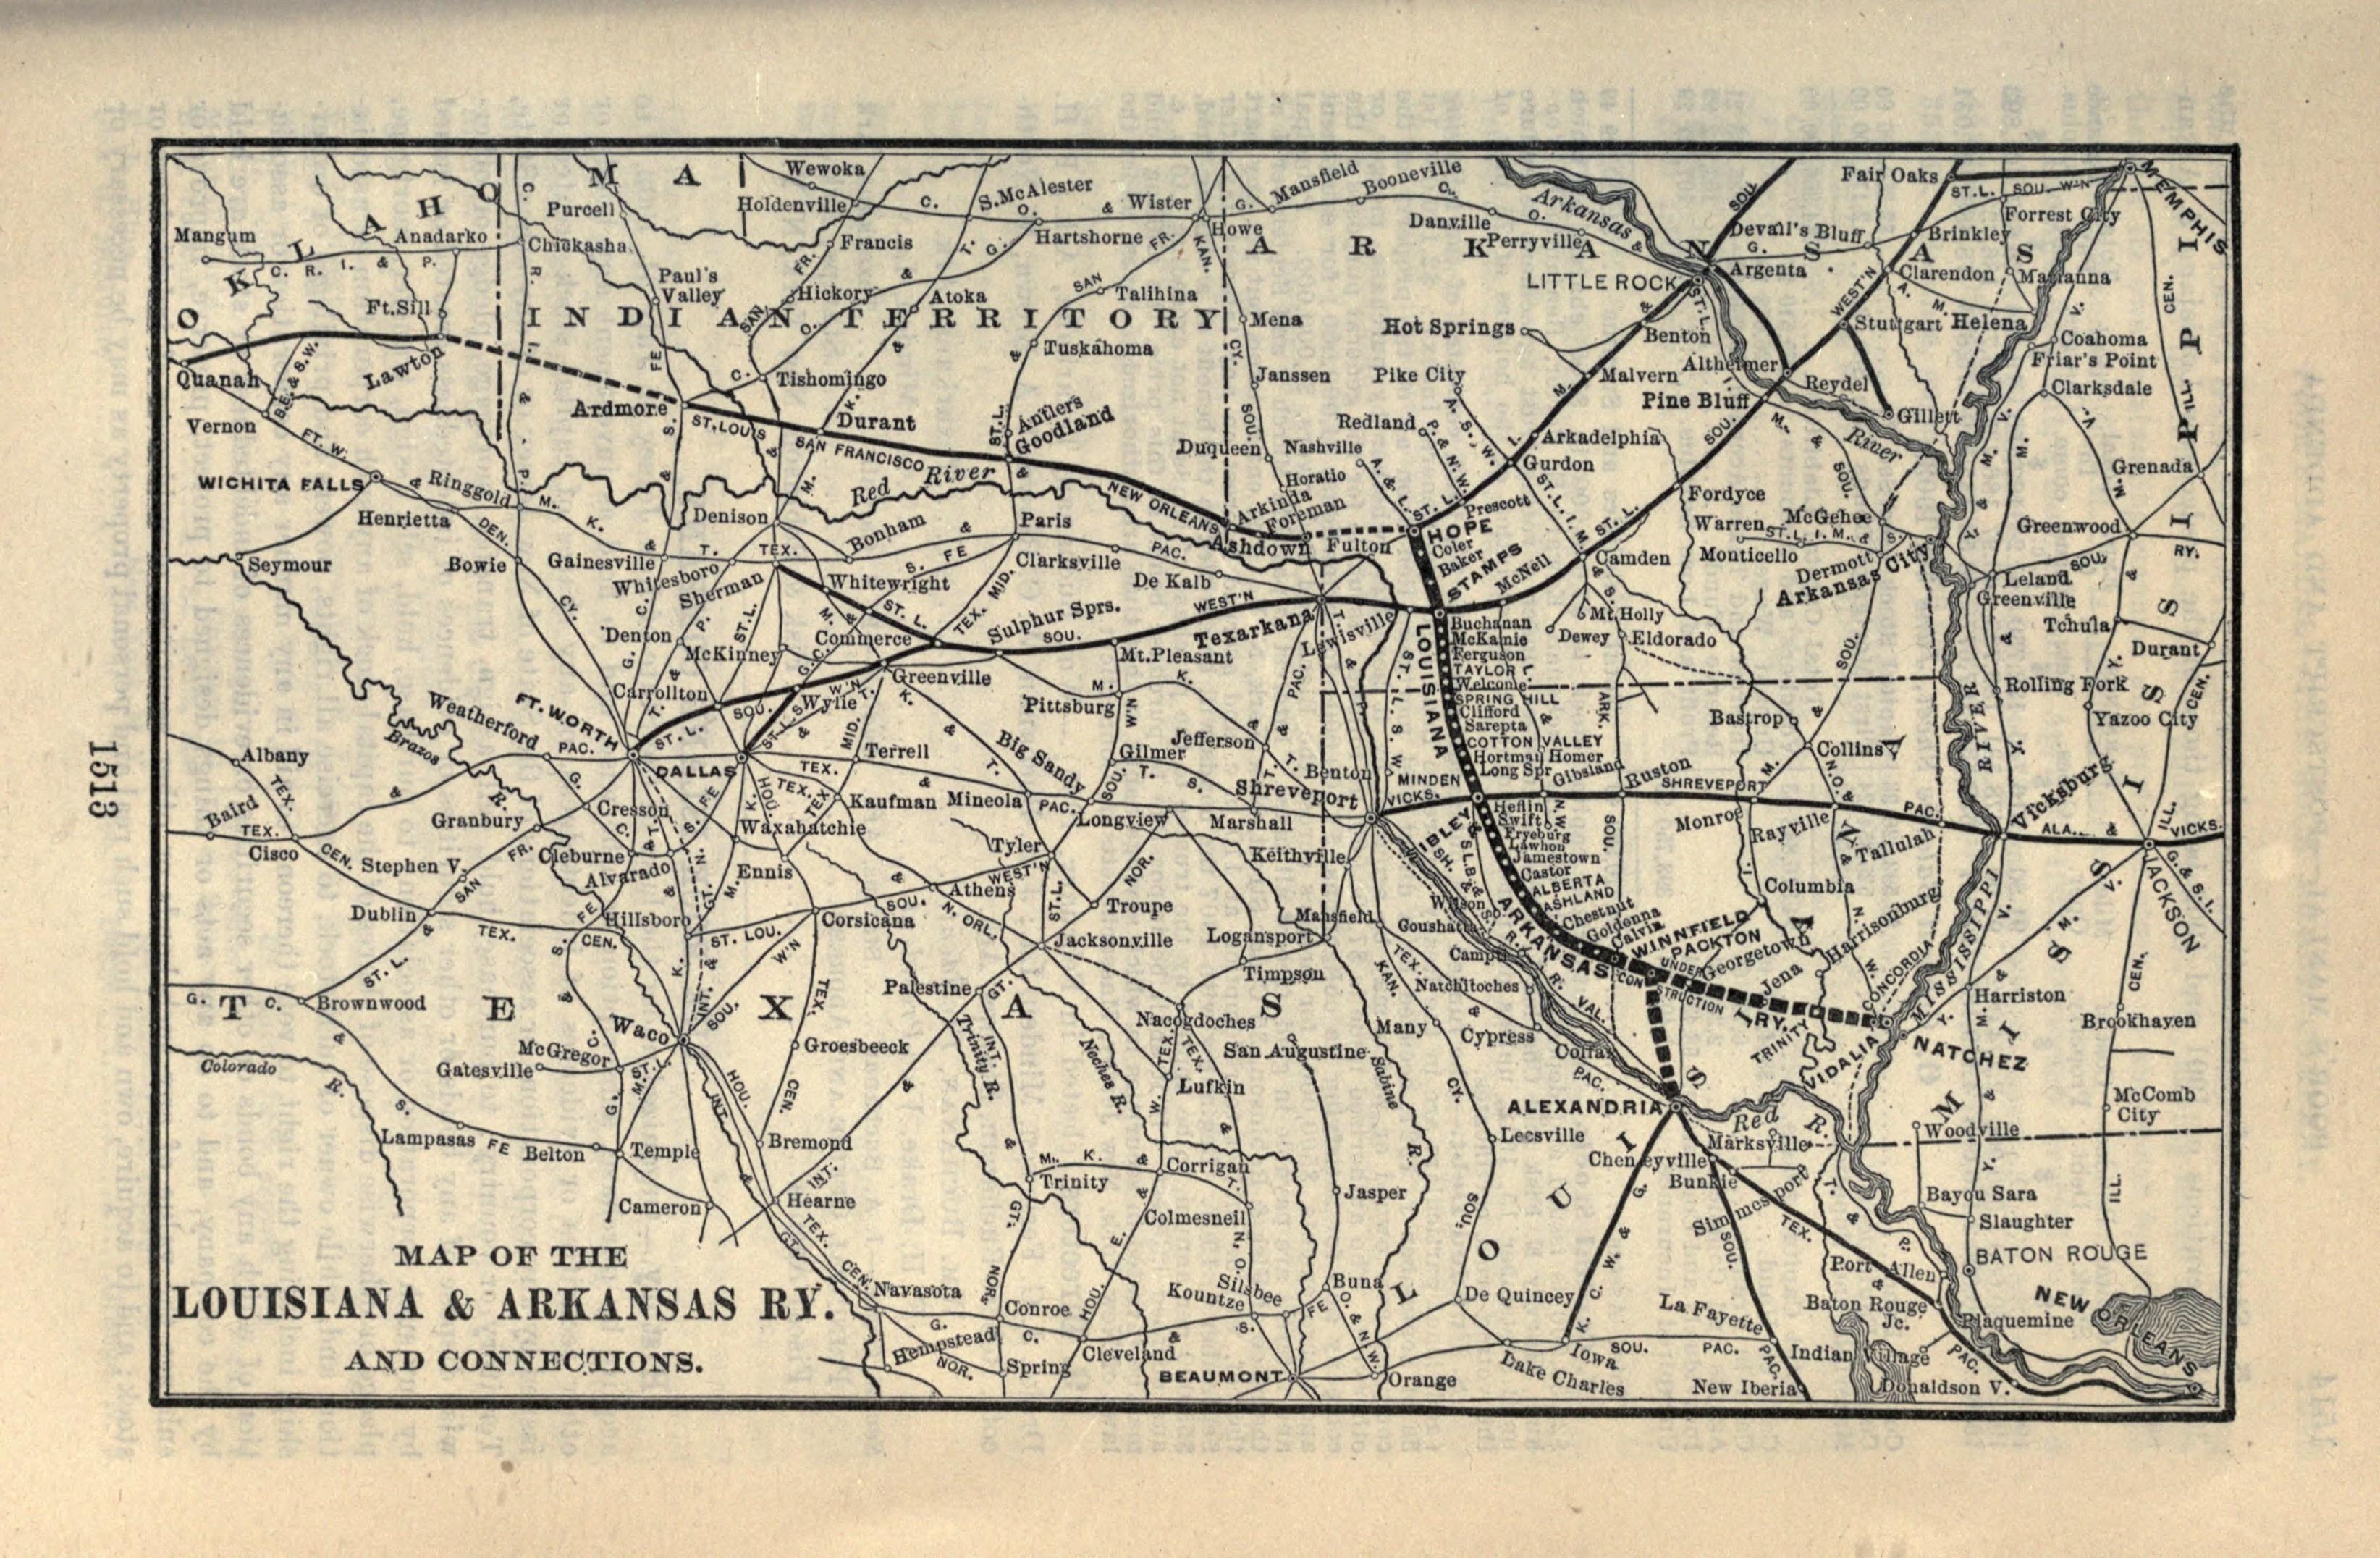 Arkansas And Louisiana Map.Louisiana And Arkansas Railway Wikipedia